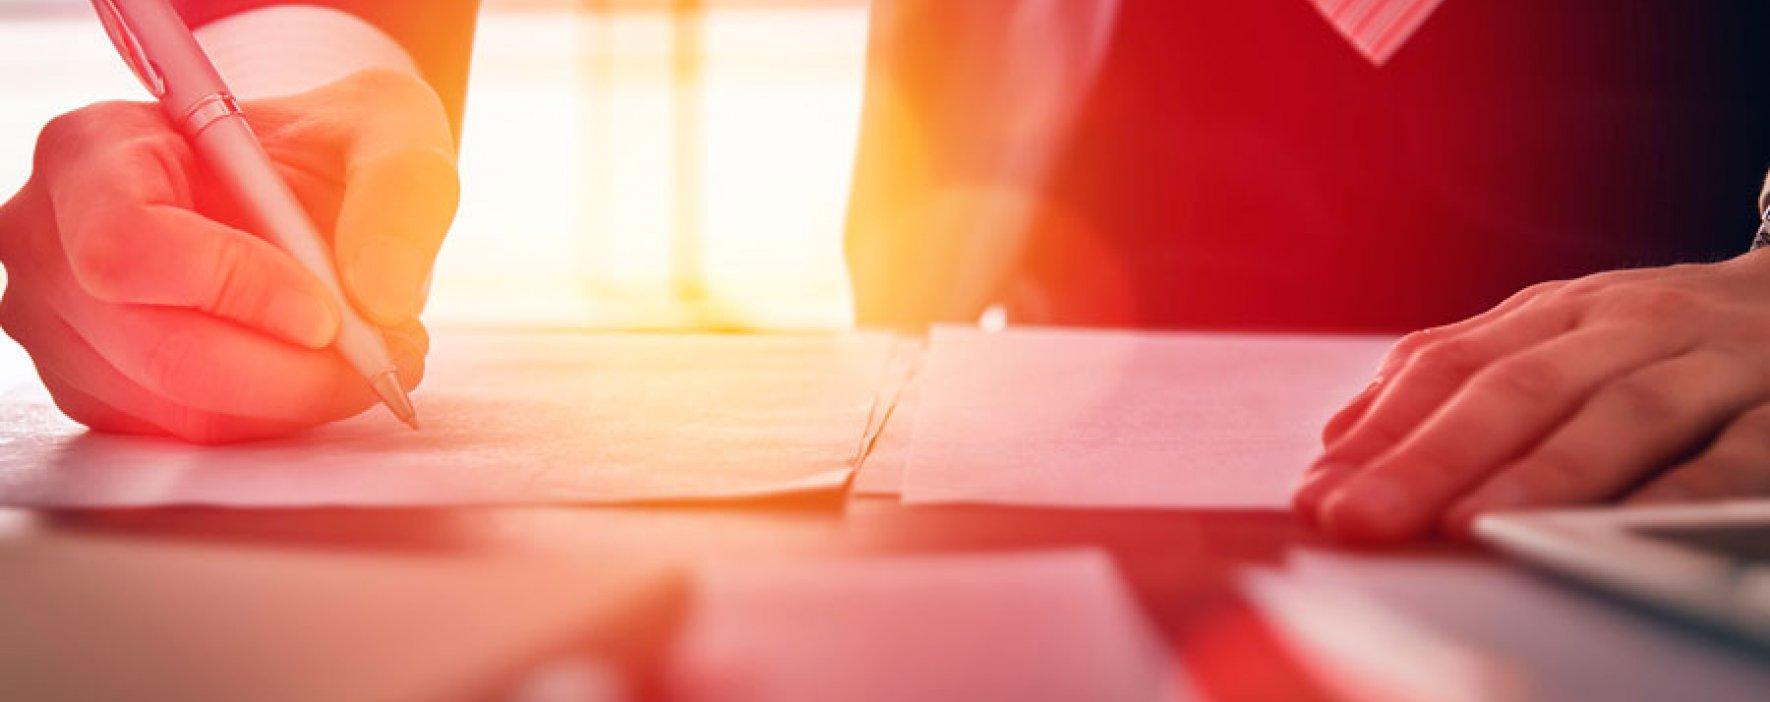 Decreto frena contratación directa mediante organizaciones sin ánimo de lucro